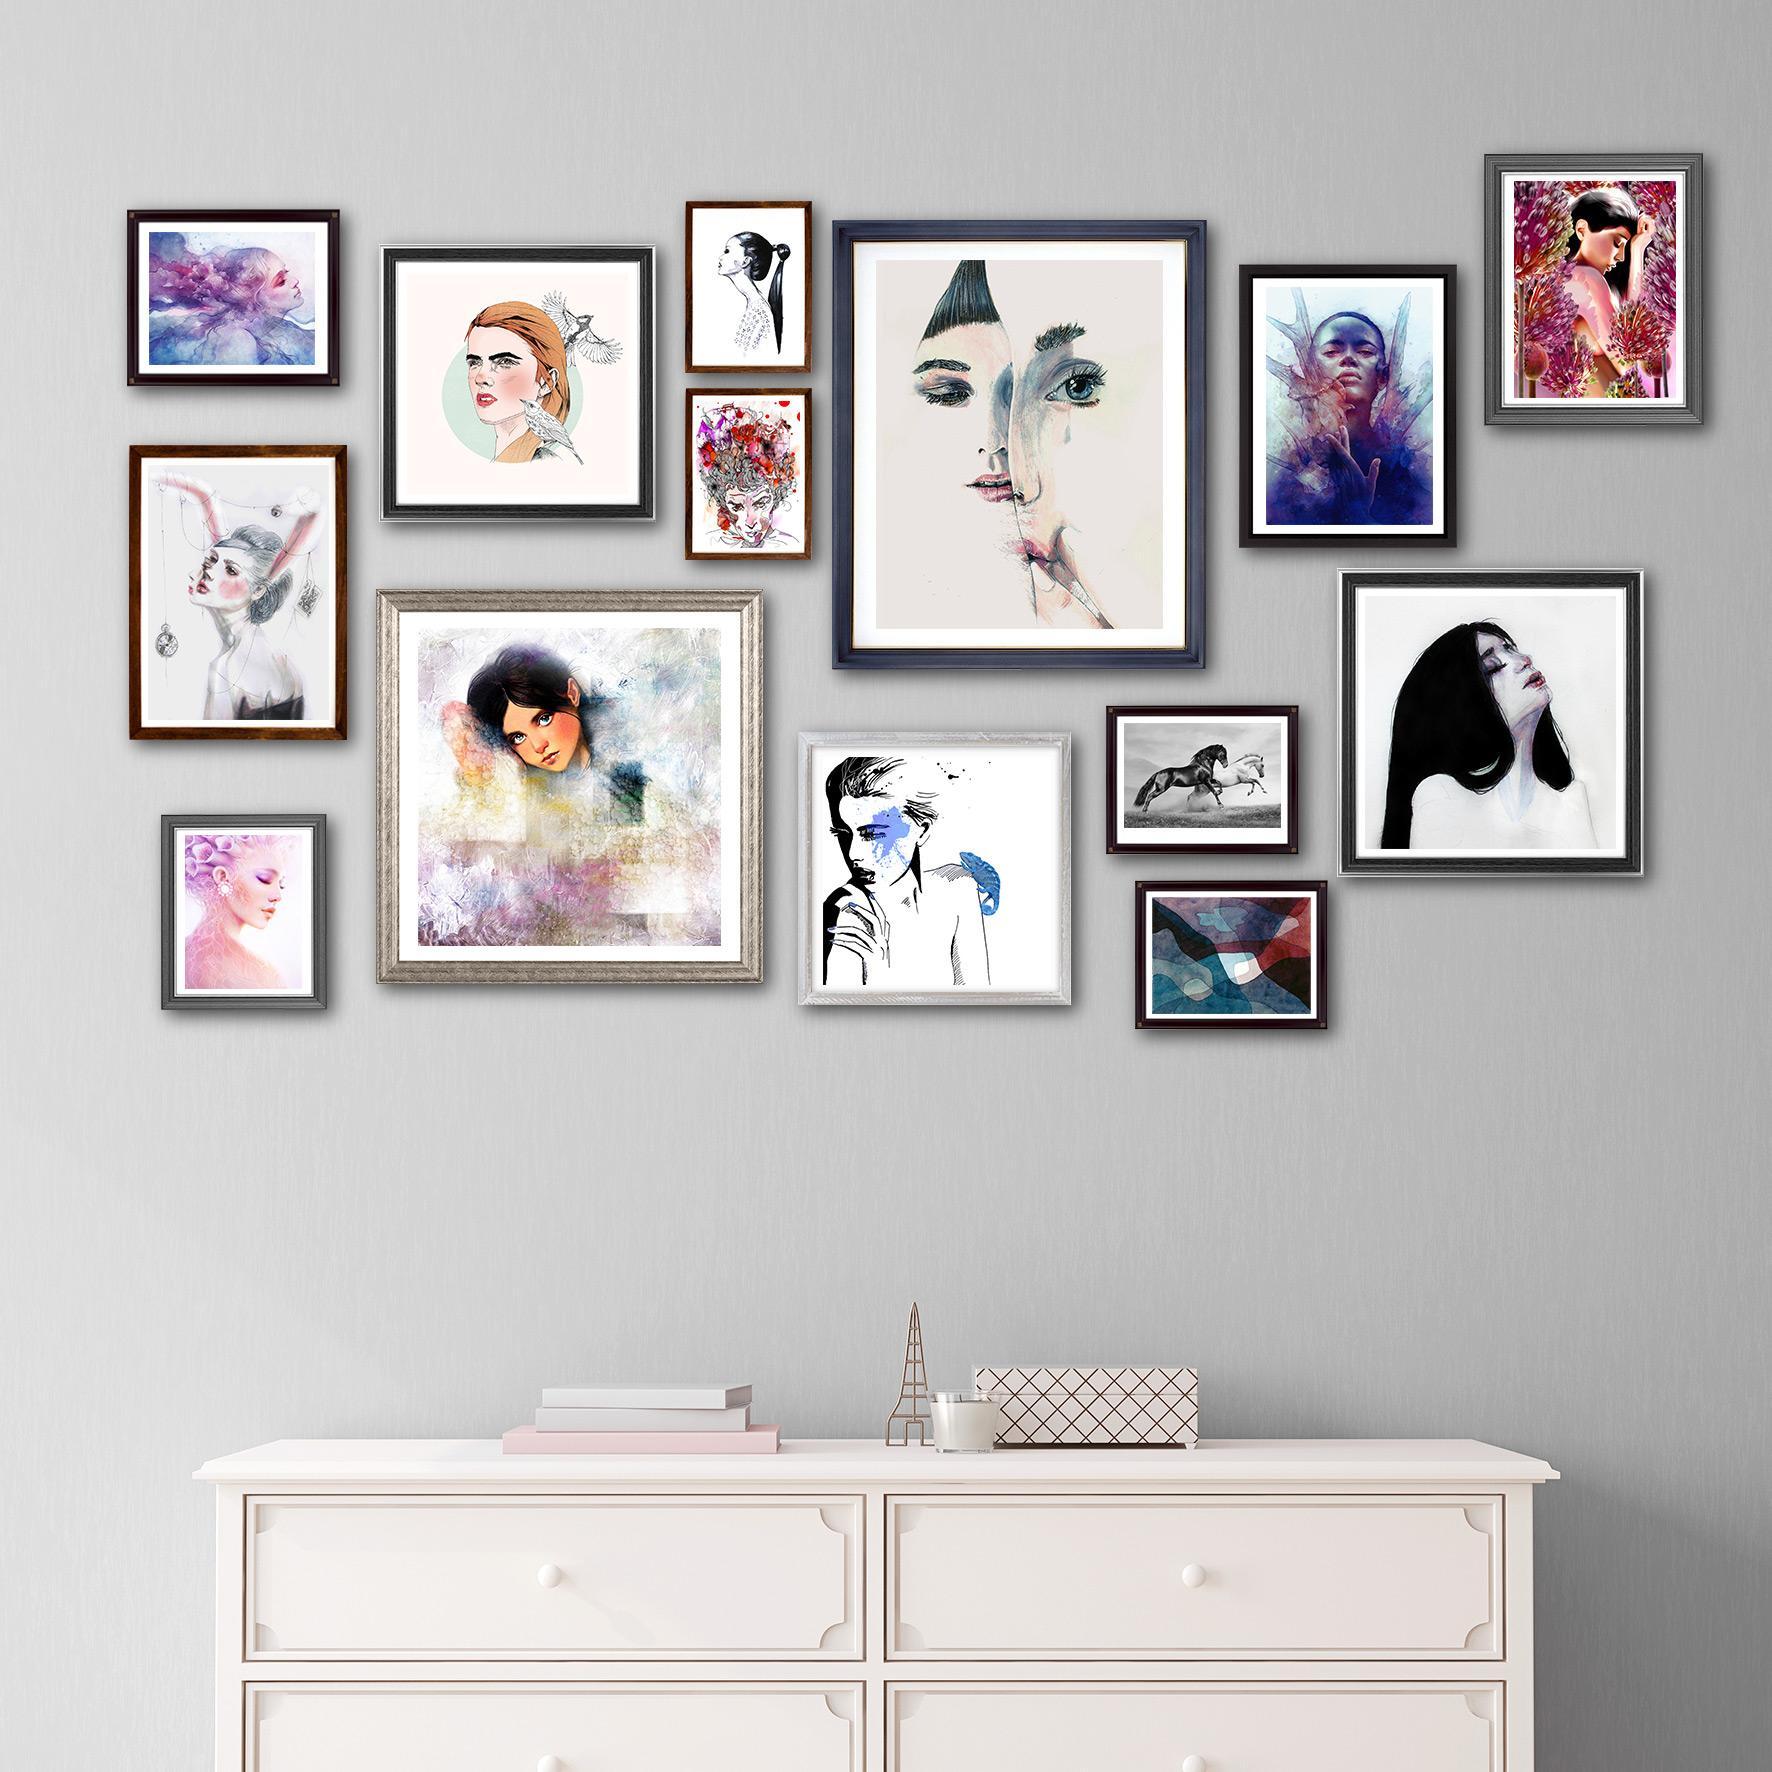 bild aufh ngen bilder ideen couchstyle